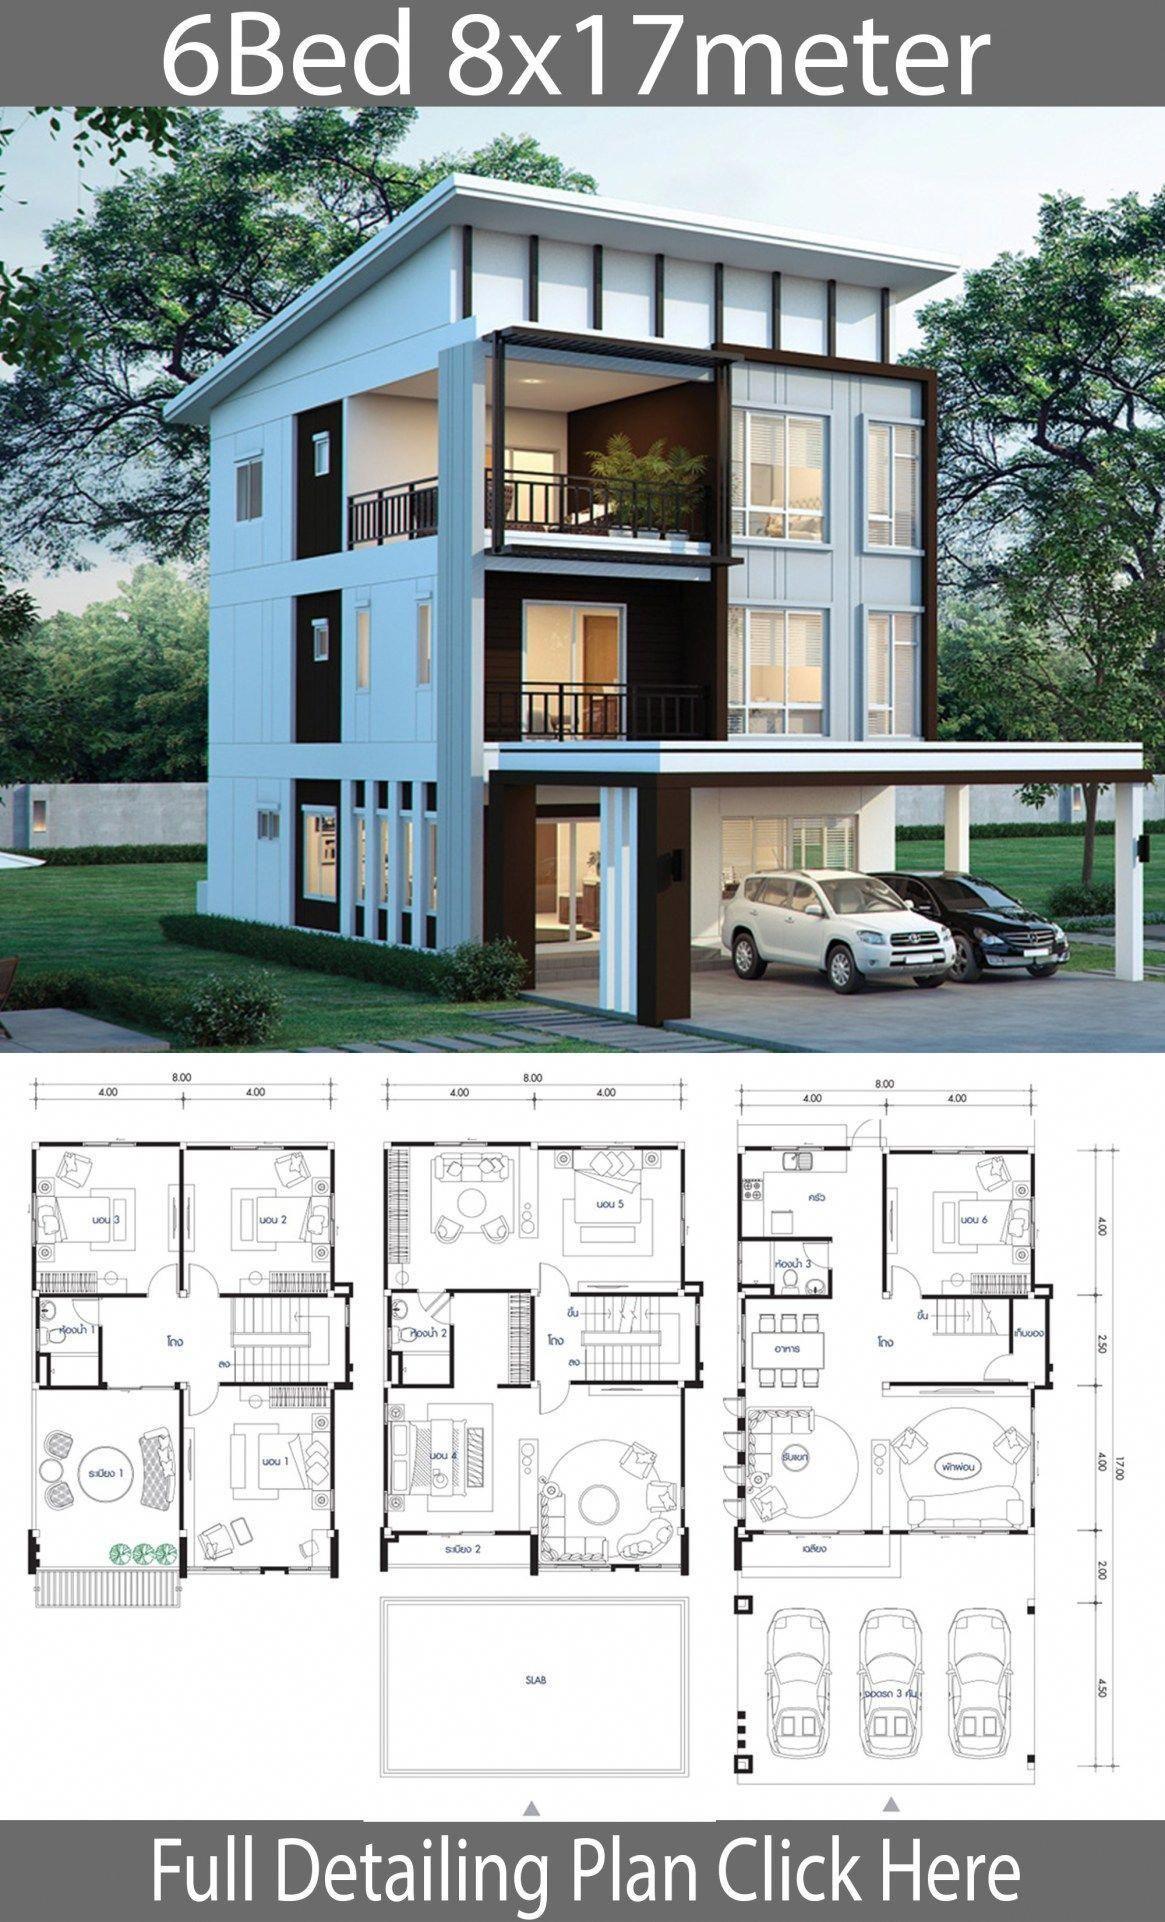 House Design Plan 8x17m With 6 Bedrooms Home Design With Arsitektur Rumah Rumah Beton Rumah Besar